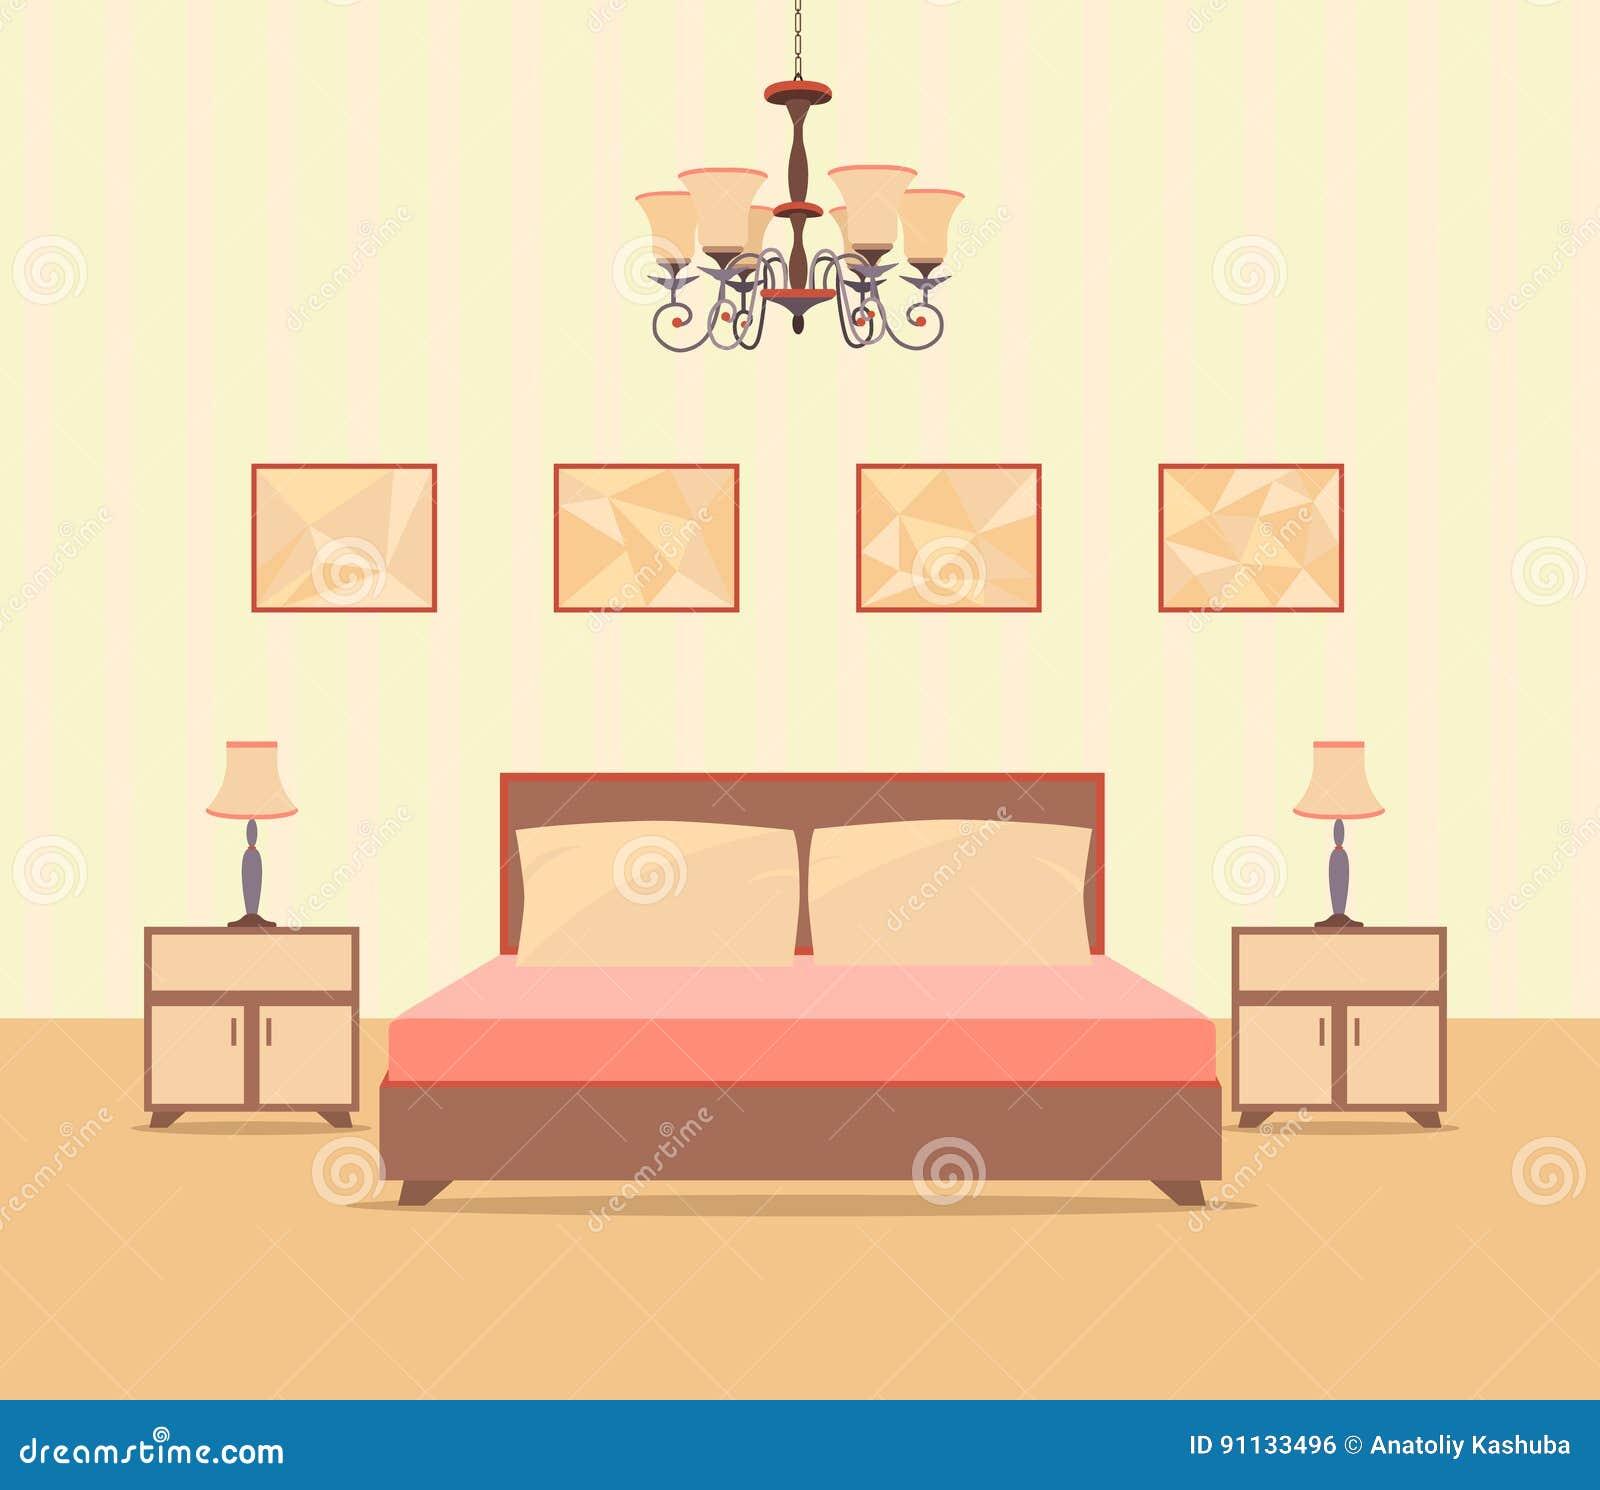 Sovruminredesign i plan stil inklusive säng, tabellen, lampor, nightstands och bildramar